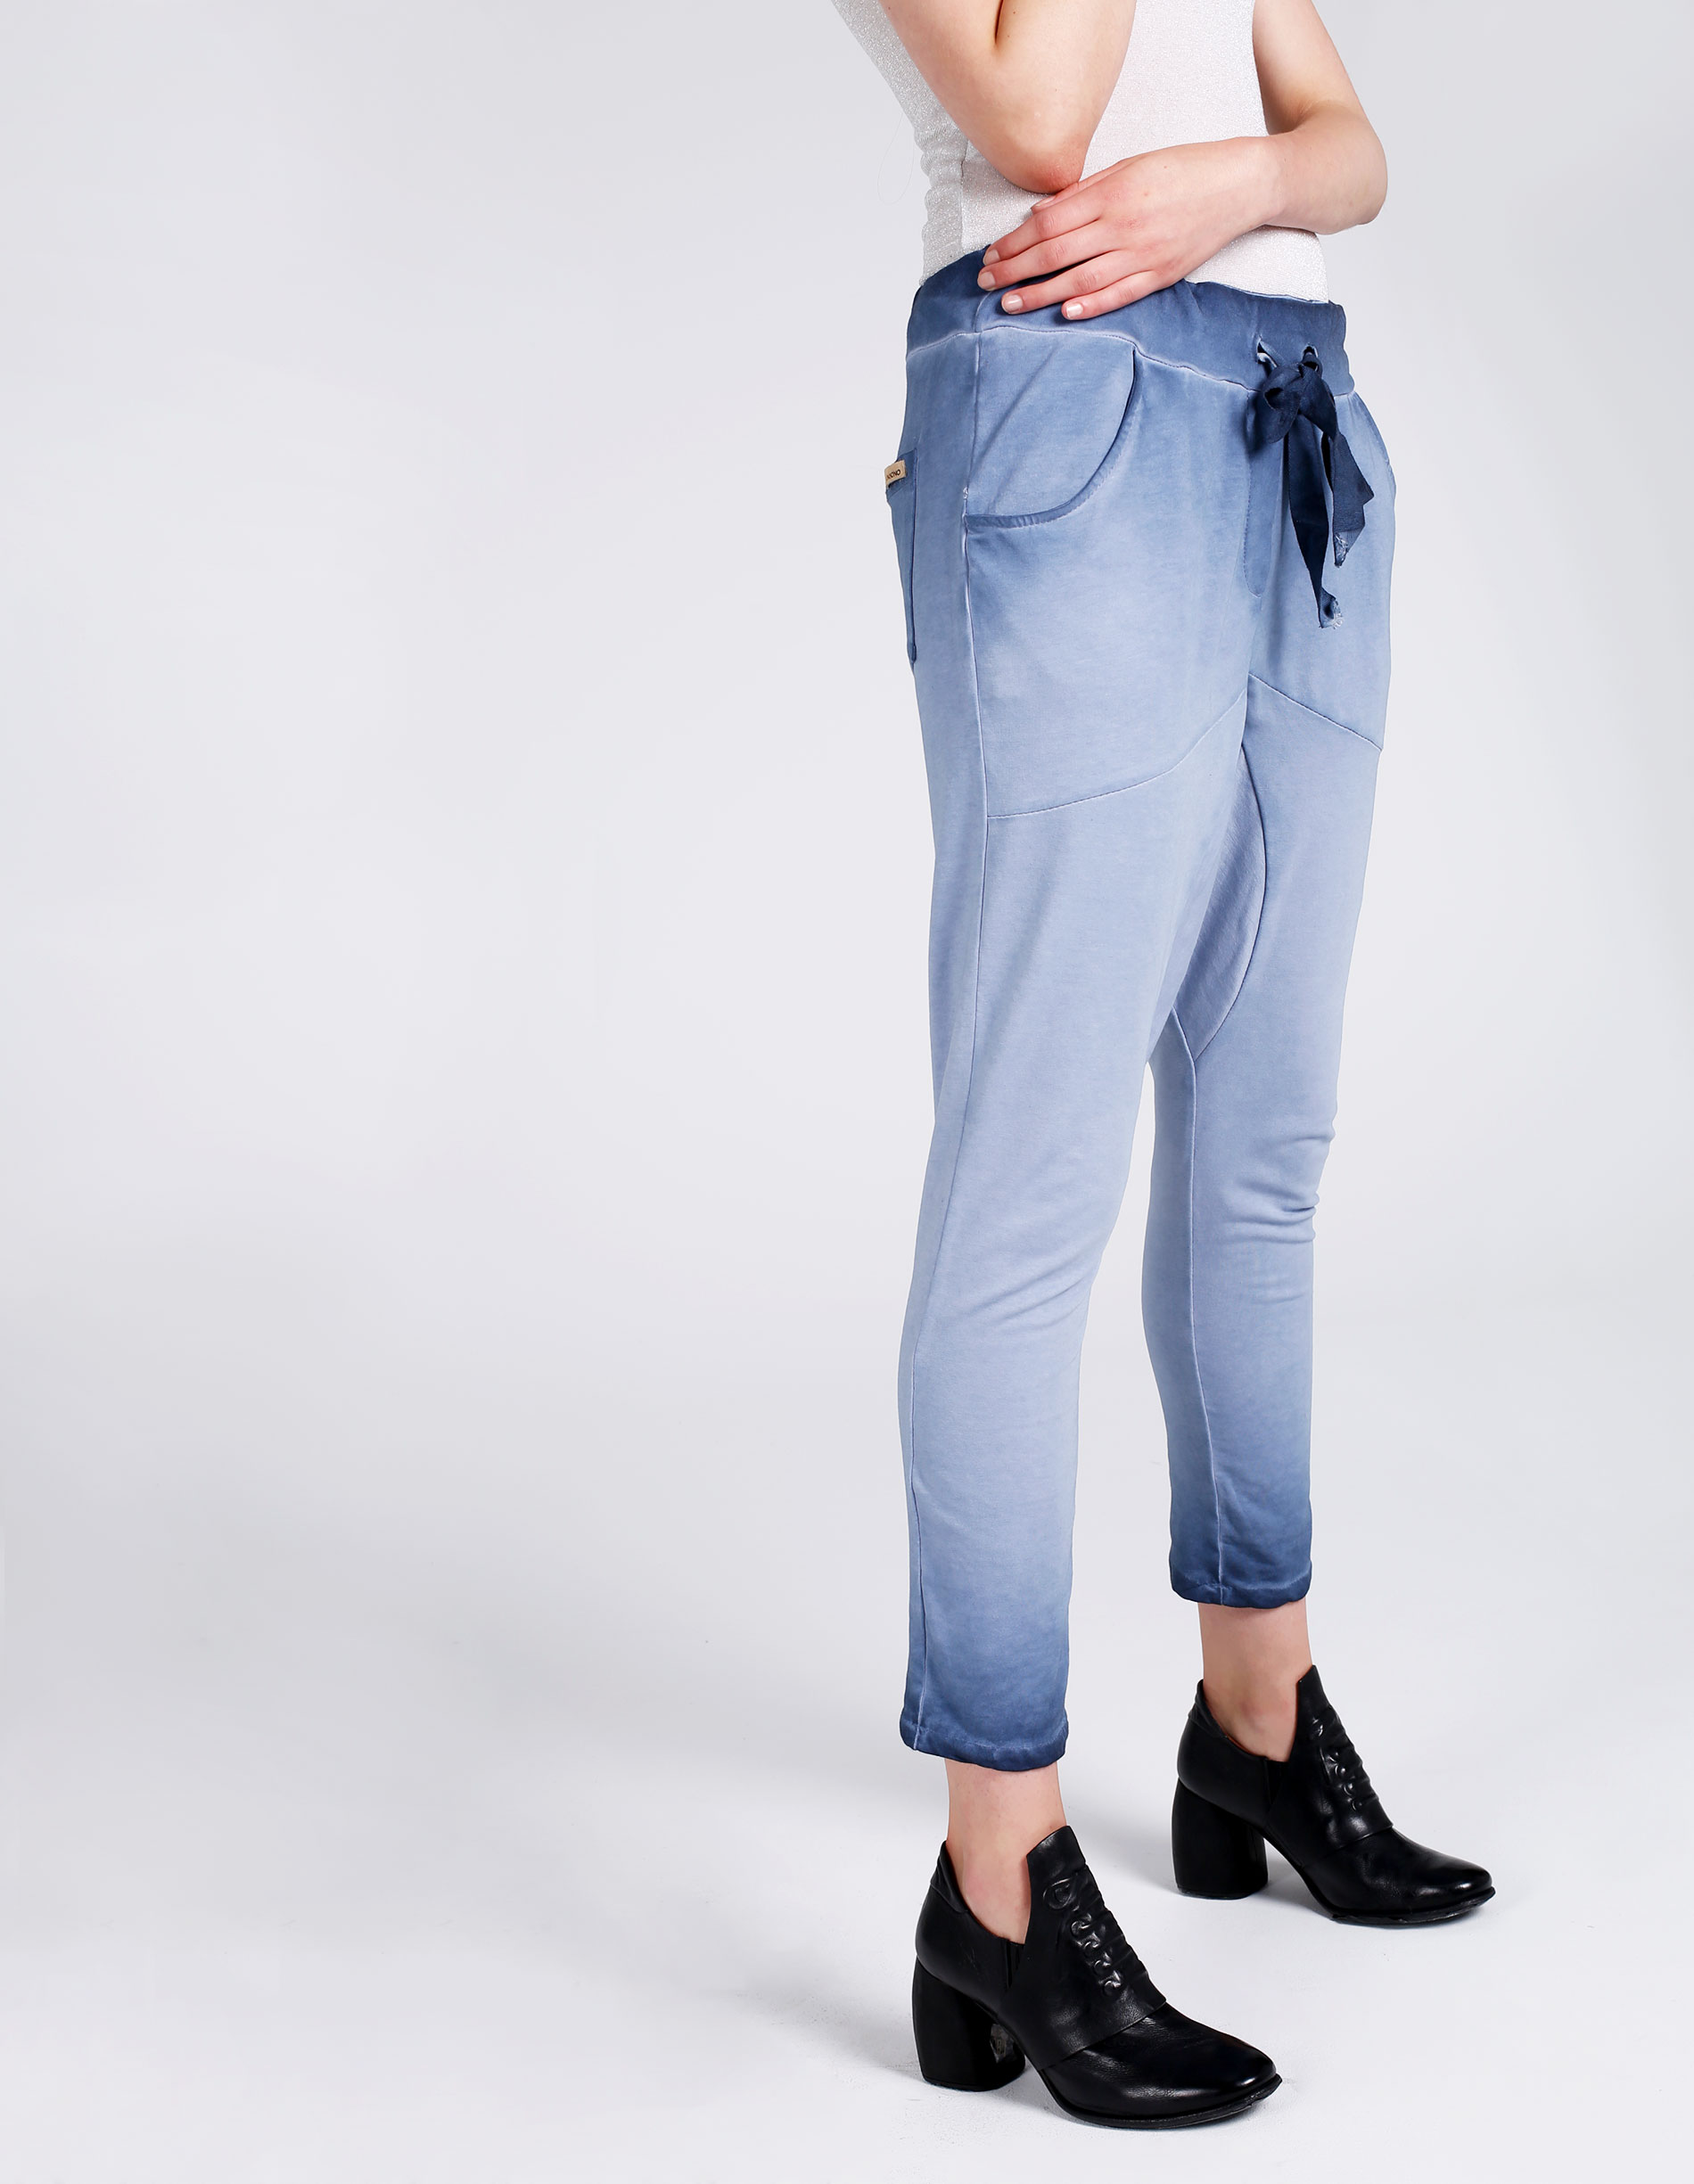 Spodnie - 141-1412B BLS - Unisono